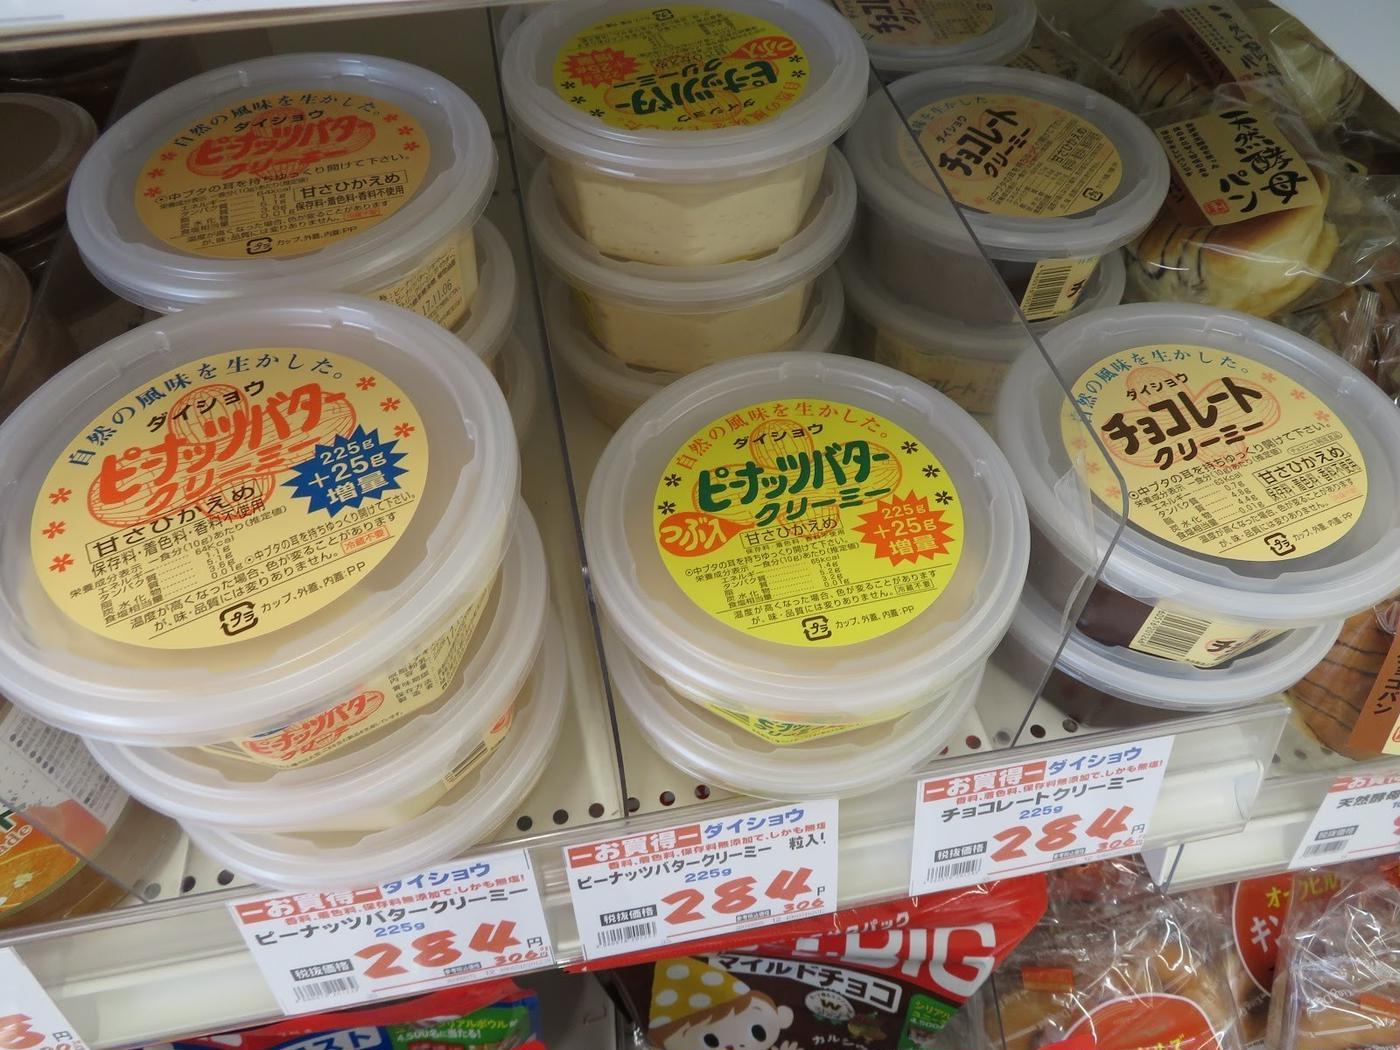 ロヂャースマート-ダイヨウ-ピーナッツバター